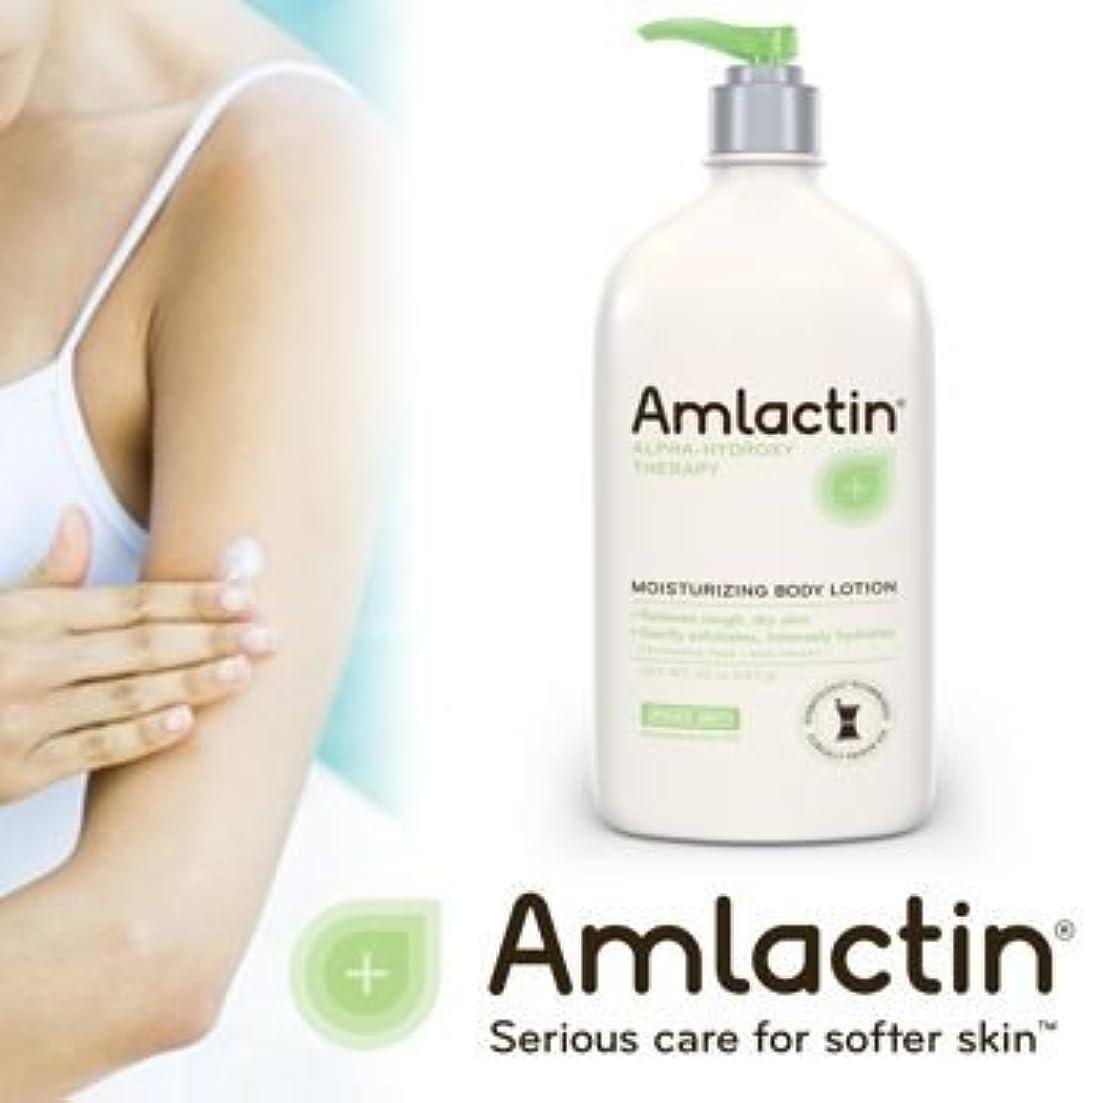 ロープカブ合わせてアムラクティン 保湿液 (乾燥肌のため) - 12% 乳酸 - AmLactin 12 % Moisturizing Lotion - 500 g / 17.6 oz (Product packaging may vary)